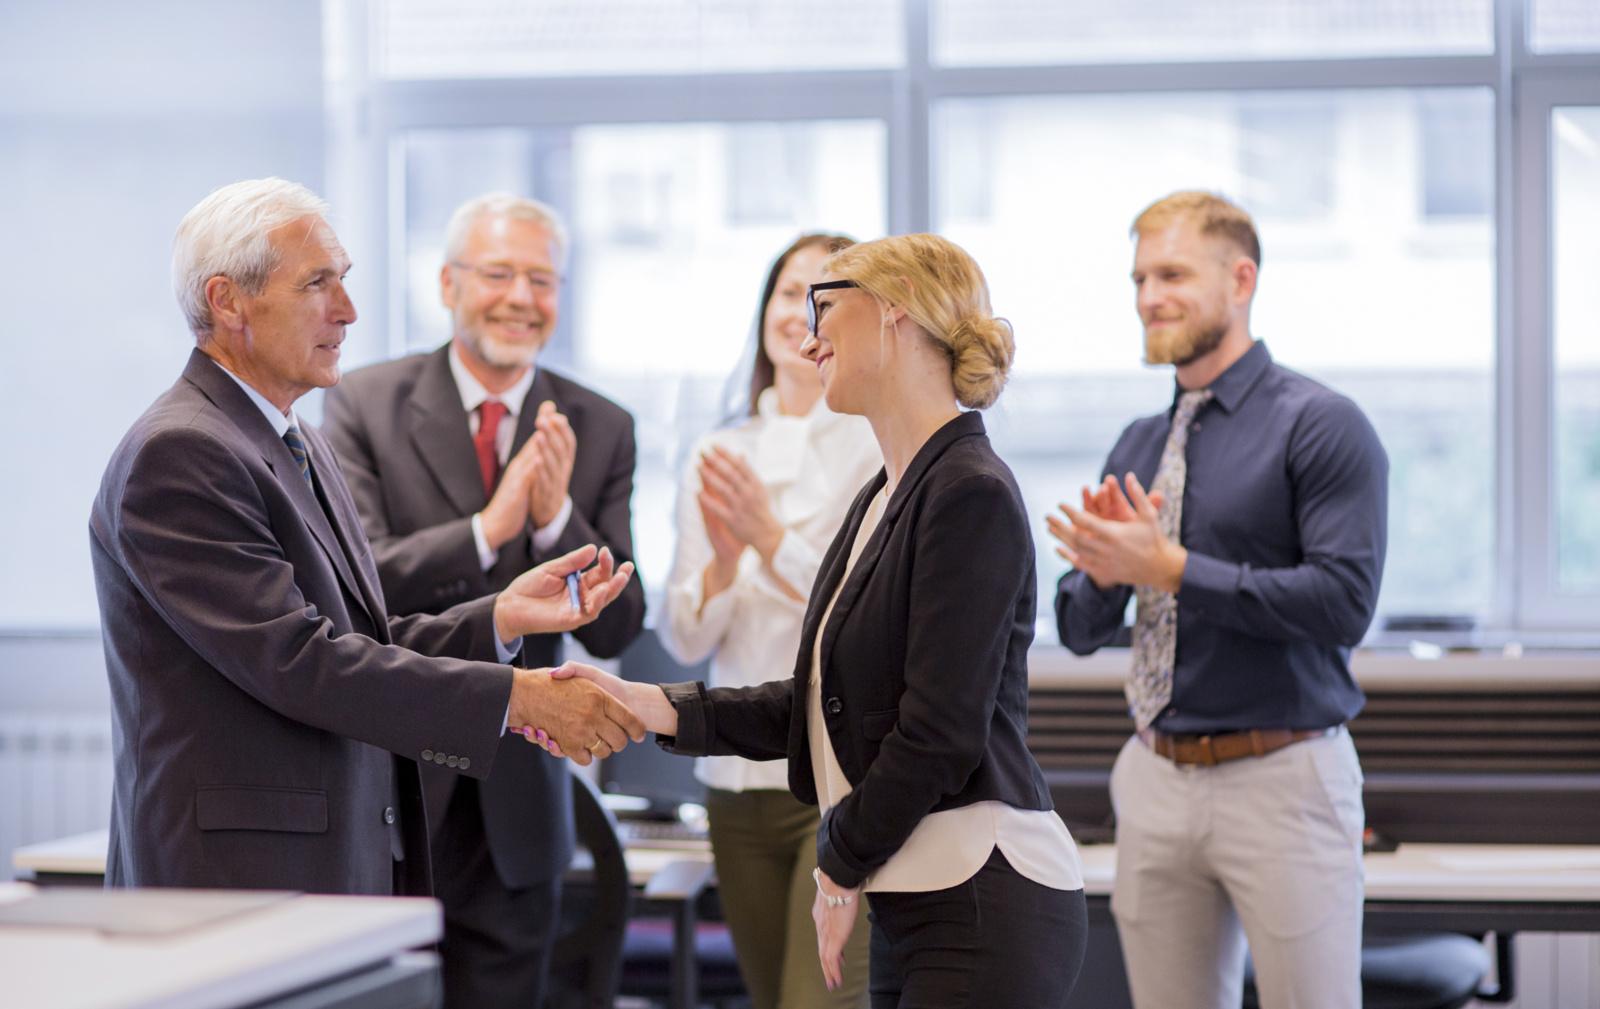 8 priežastys, kodėl įmonę palieka geri darbuotojai